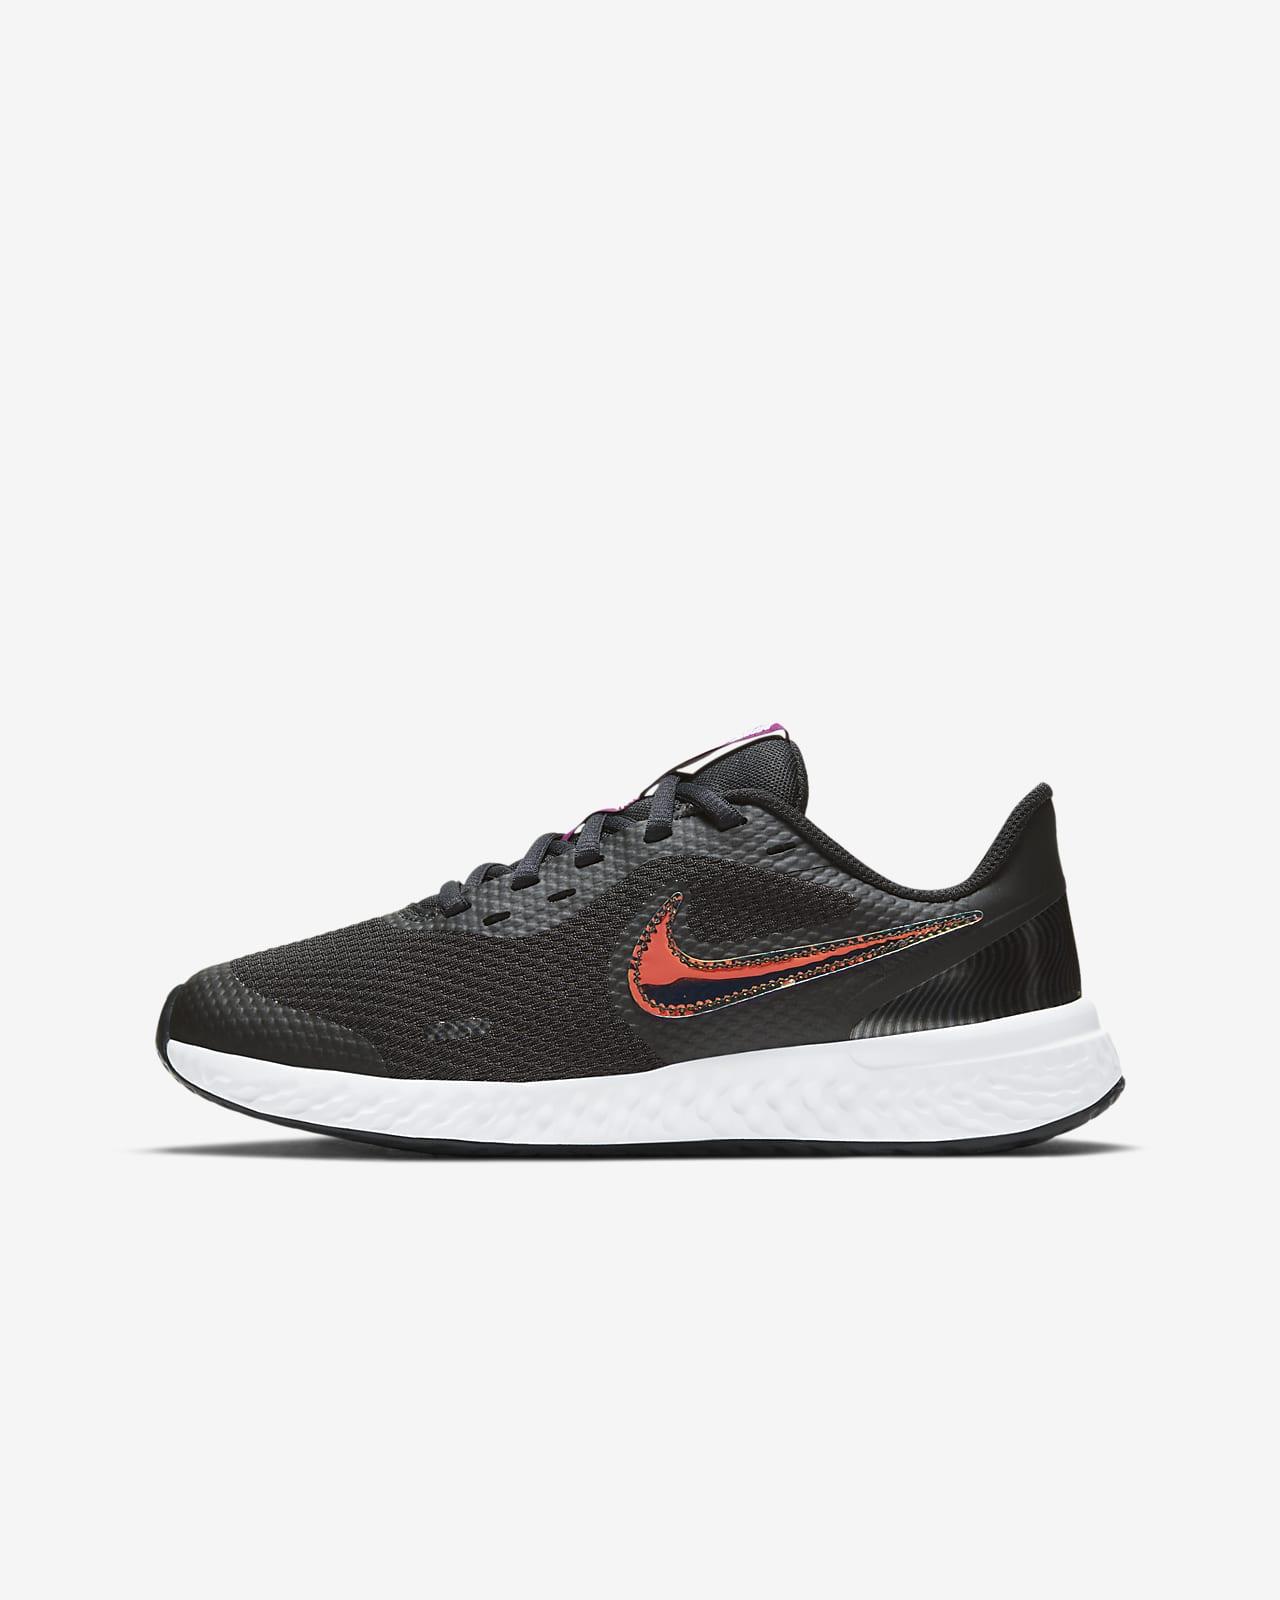 Παπούτσι για τρέξιμο Nike Revolution 5 Power για μεγάλα παιδιά